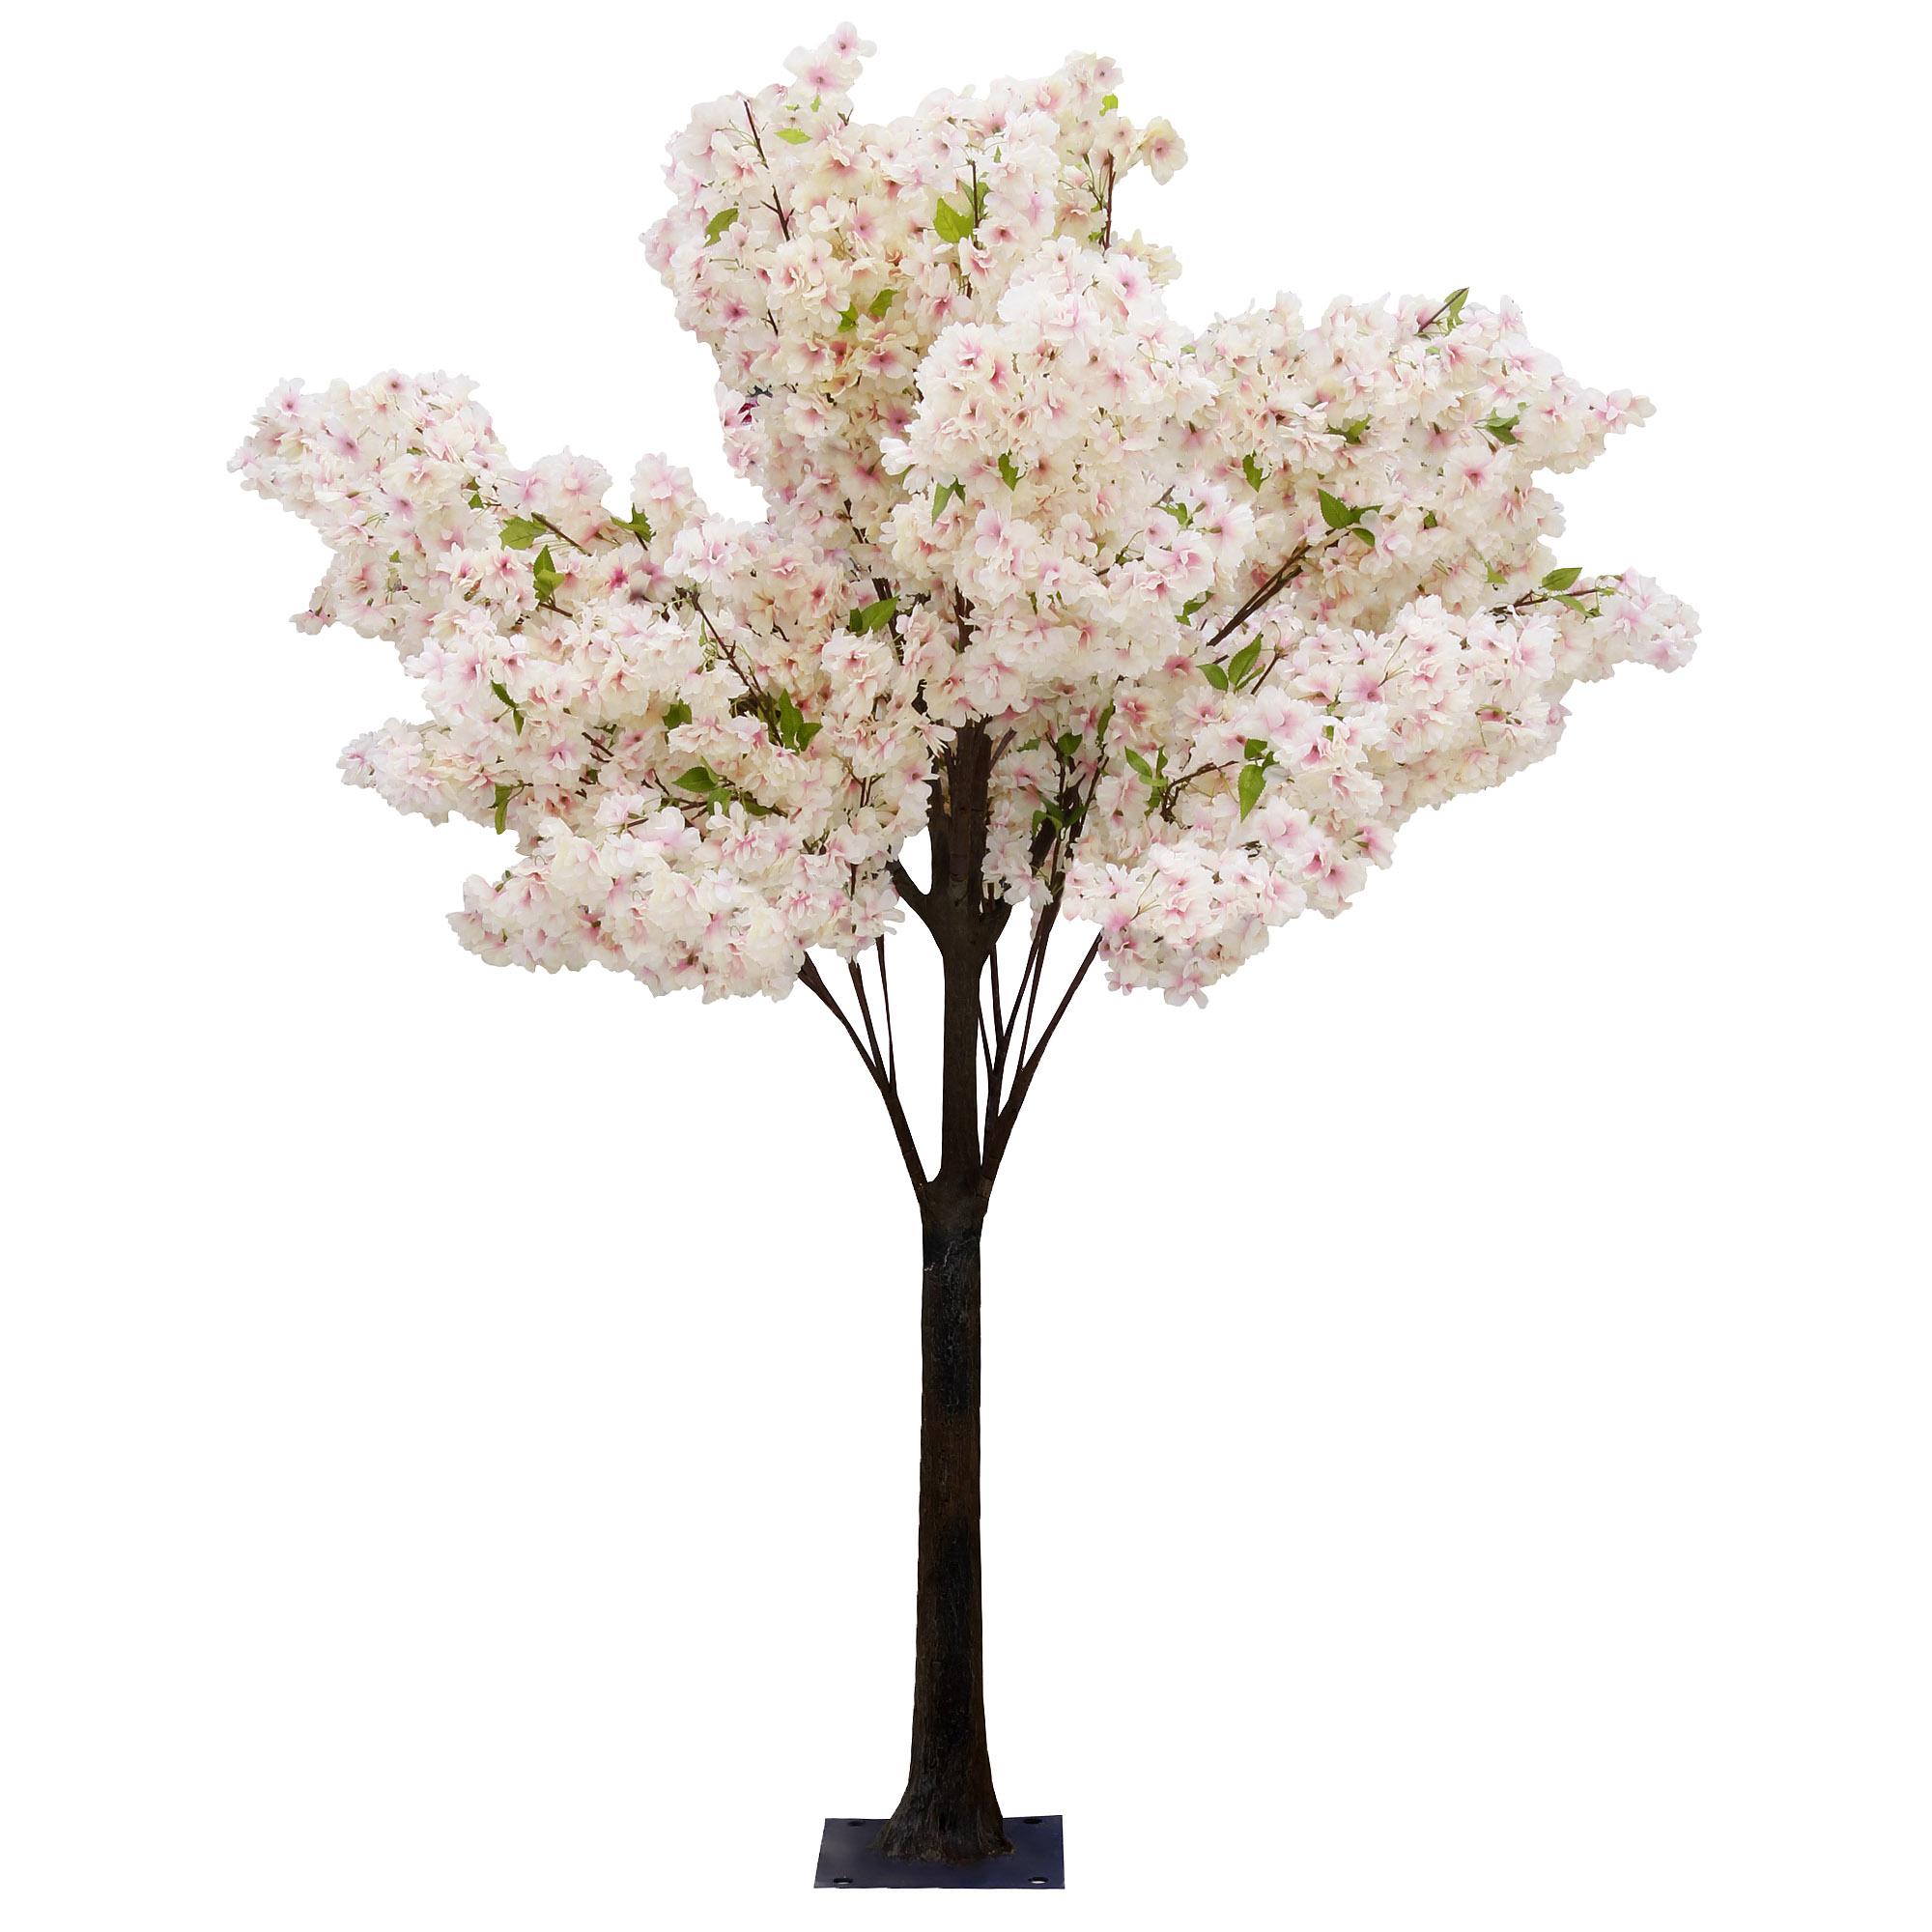 Дерево искусственное цветущее  Beijing shenglin 1.8м персикового цвета